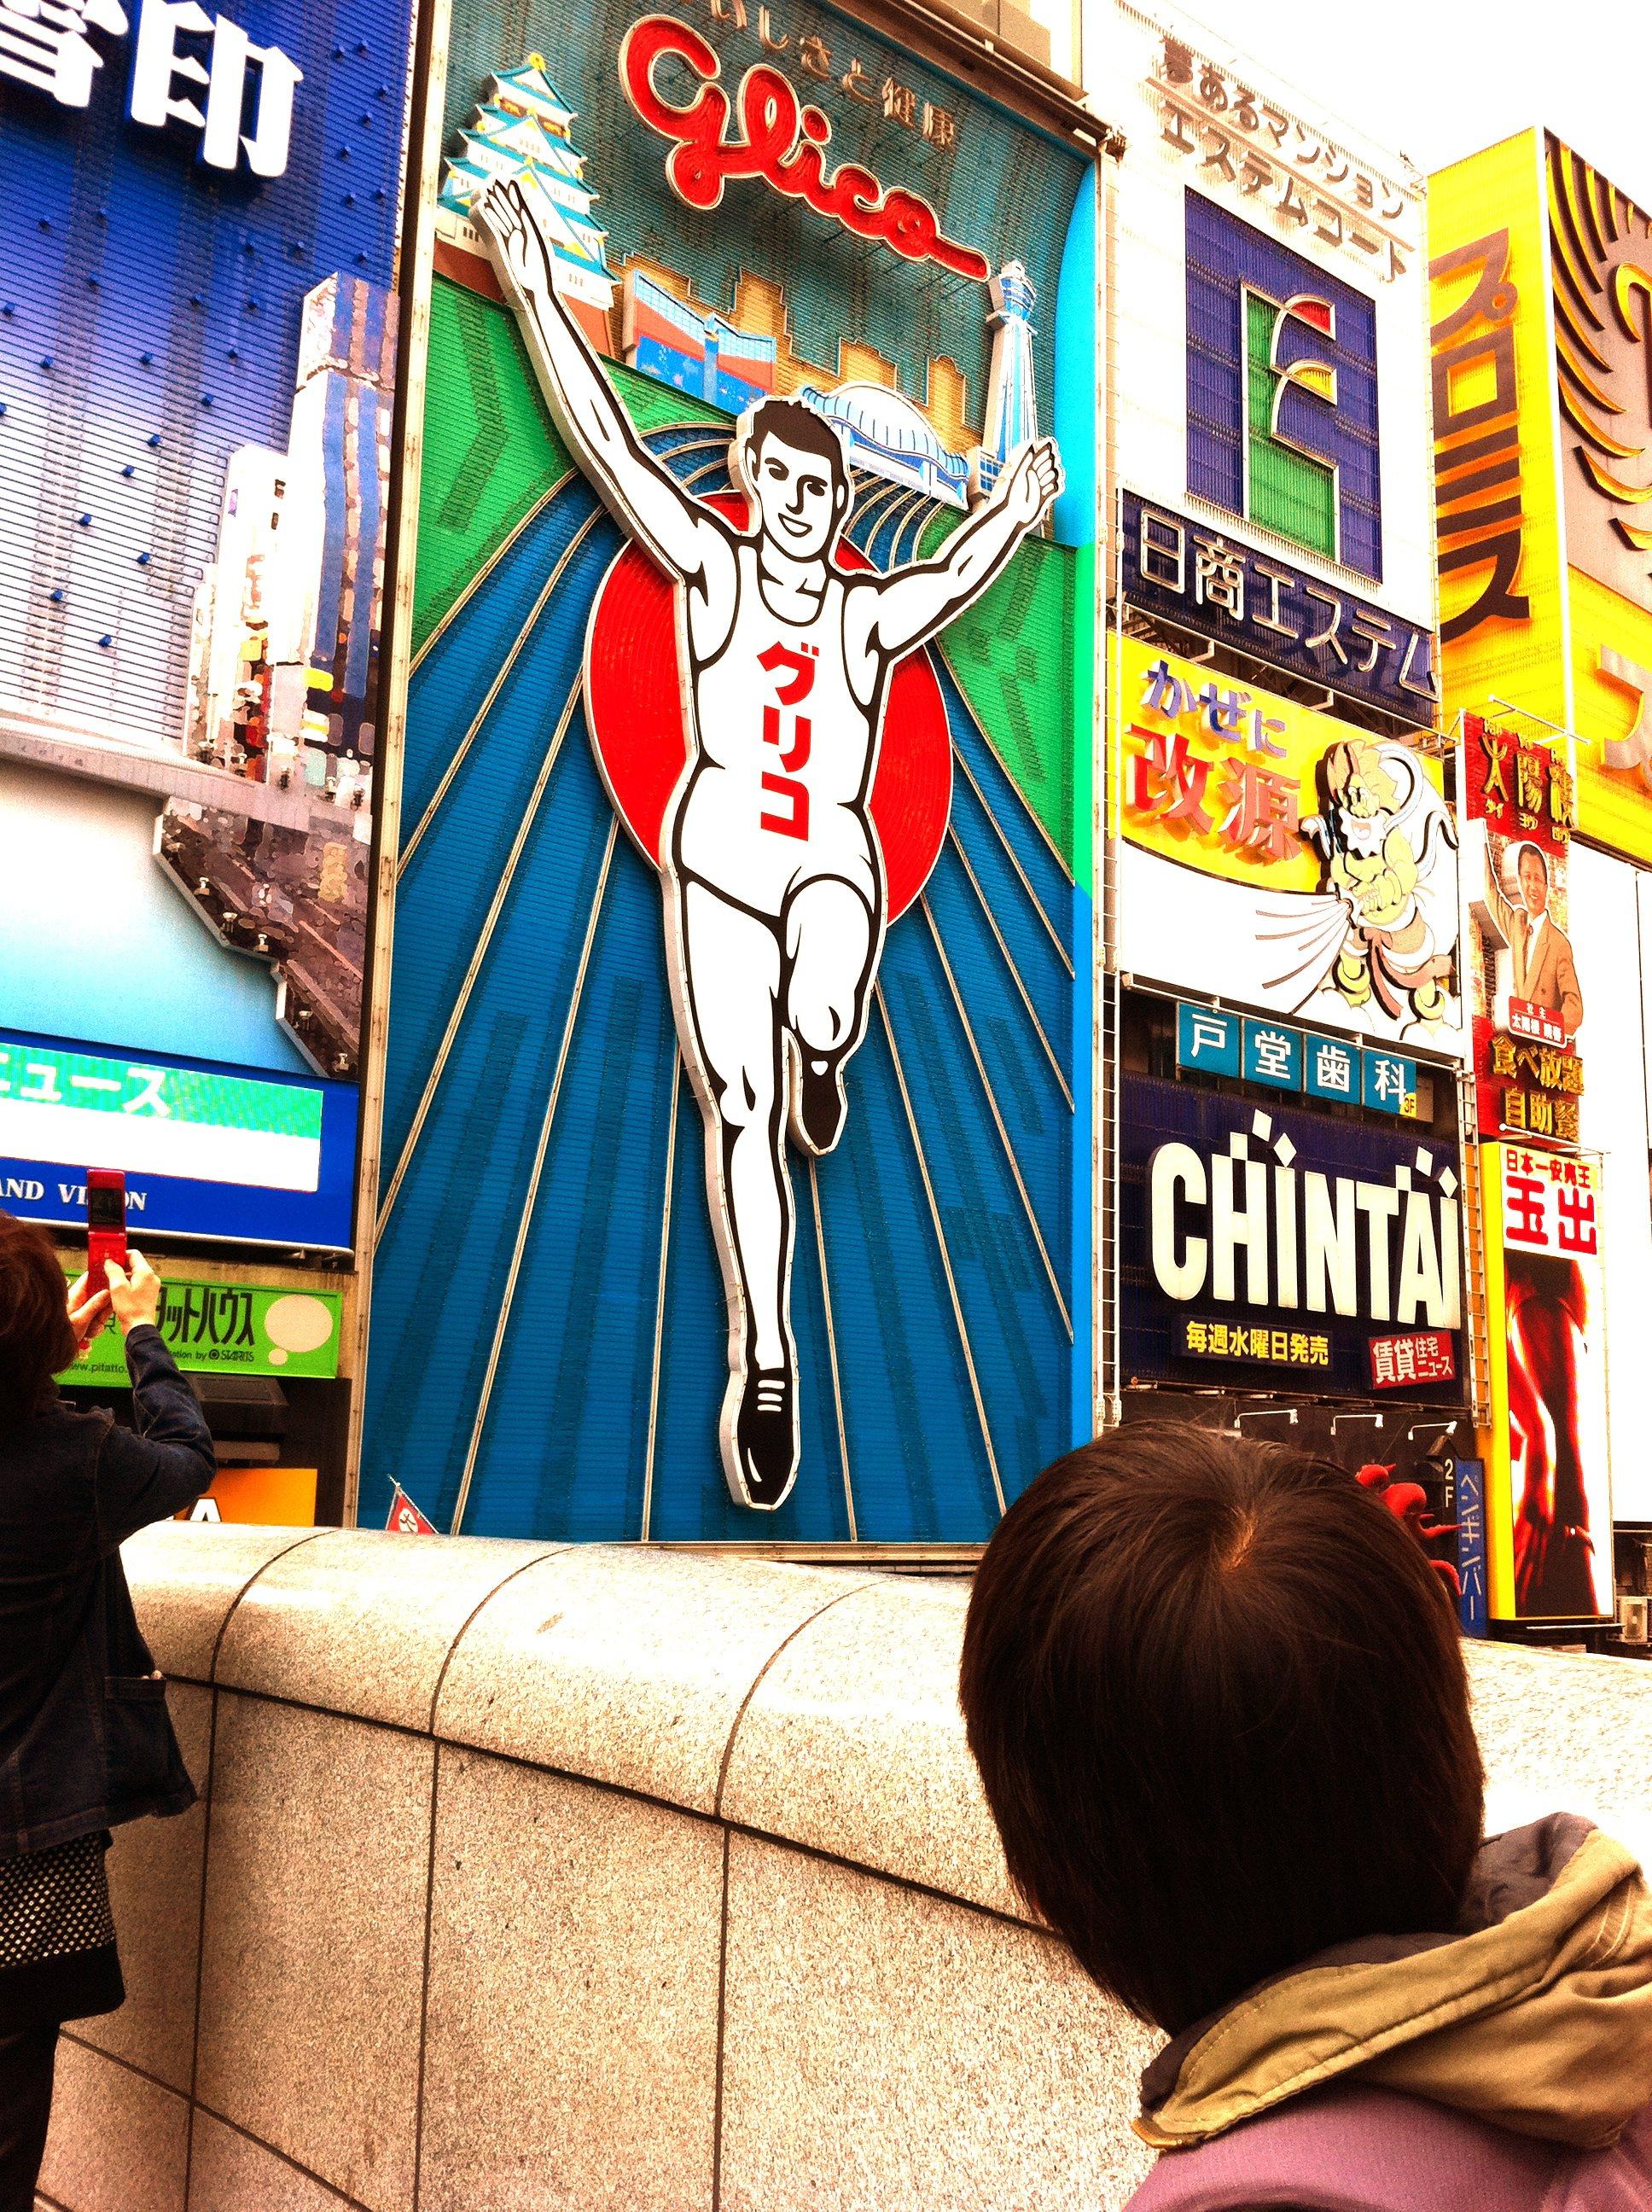 子ども 遊び場 大阪ミナミ?